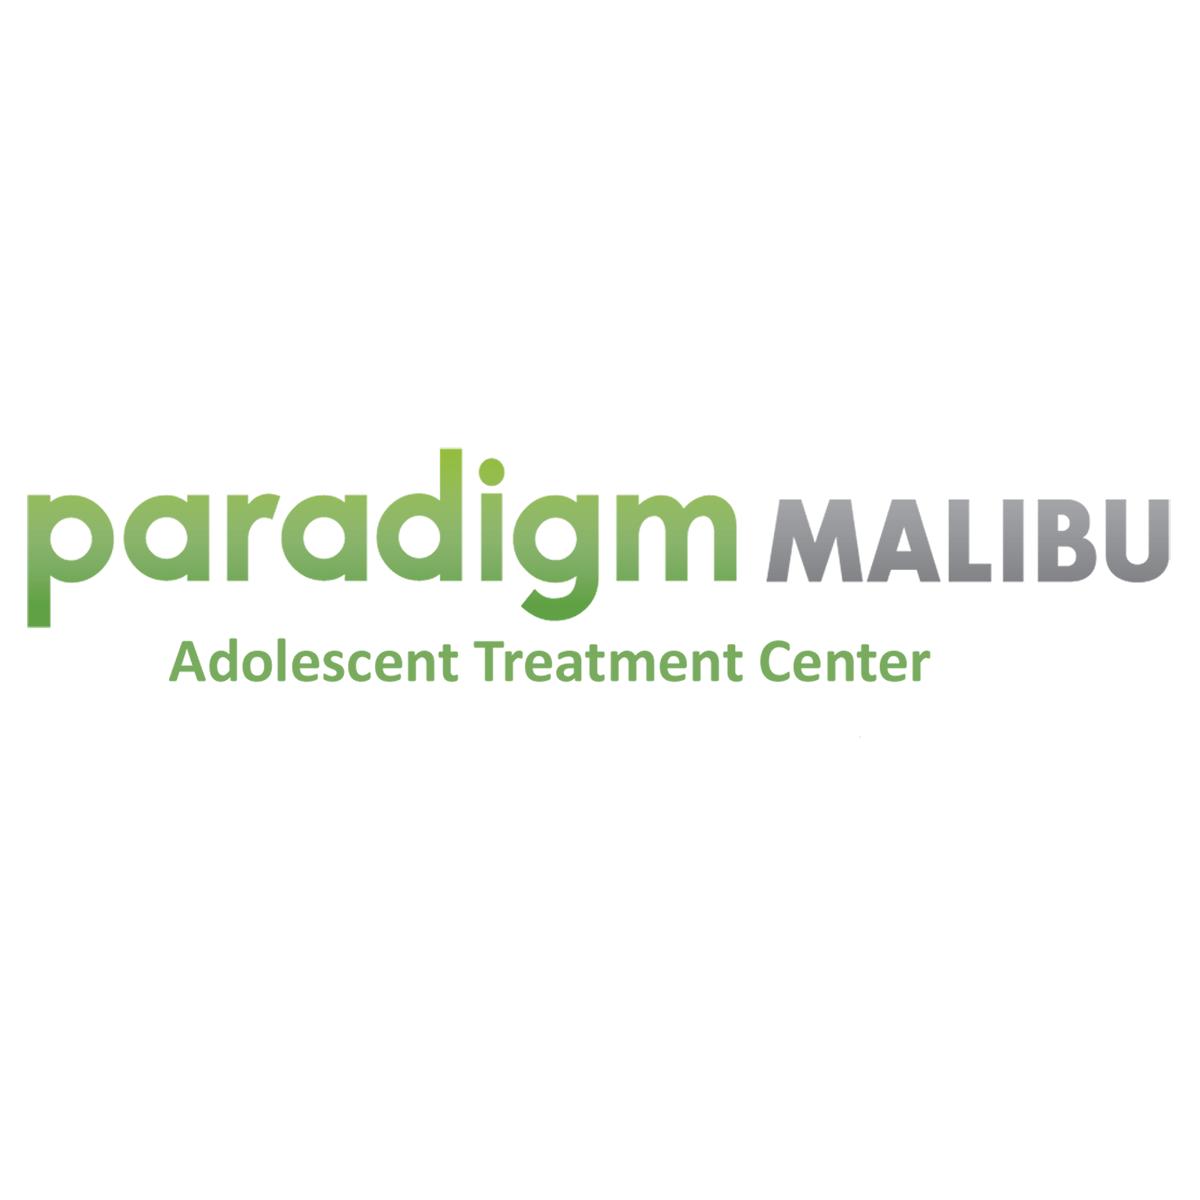 Paradigm Malibu